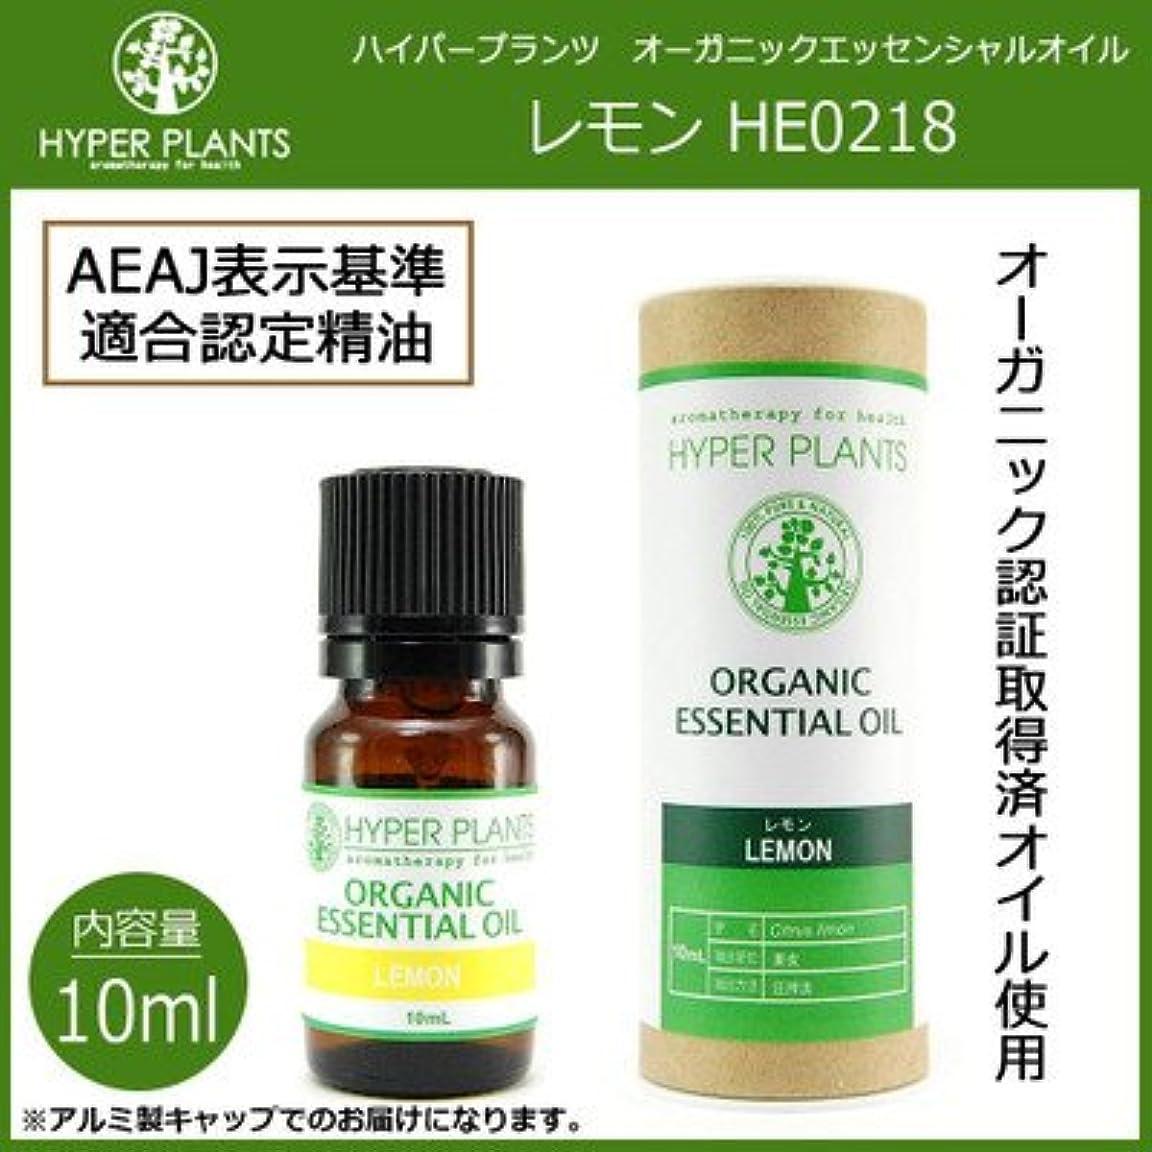 異邦人石油包帯毎日の生活にアロマの香りを HYPER PLANTS ハイパープランツ オーガニックエッセンシャルオイル レモン 10ml HE0218